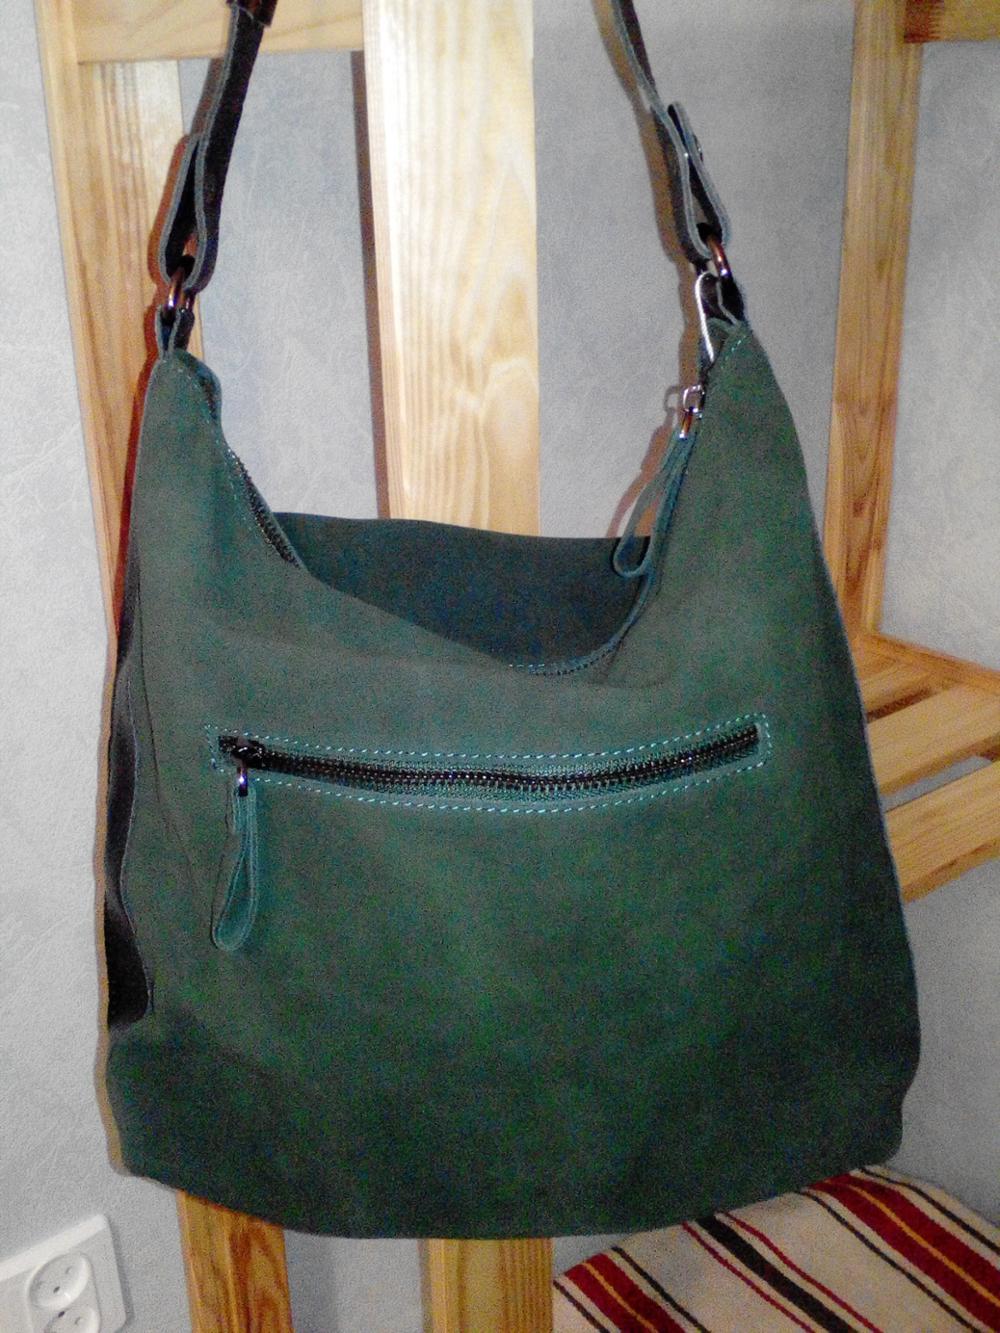 60e71e2f956a Мягкая, замша натуральная. Упакована в фирменный пакет. Цвет сумки  совпадает с фото продавца. Продавец очень отзывчивый, при заказе сделал  скидку.